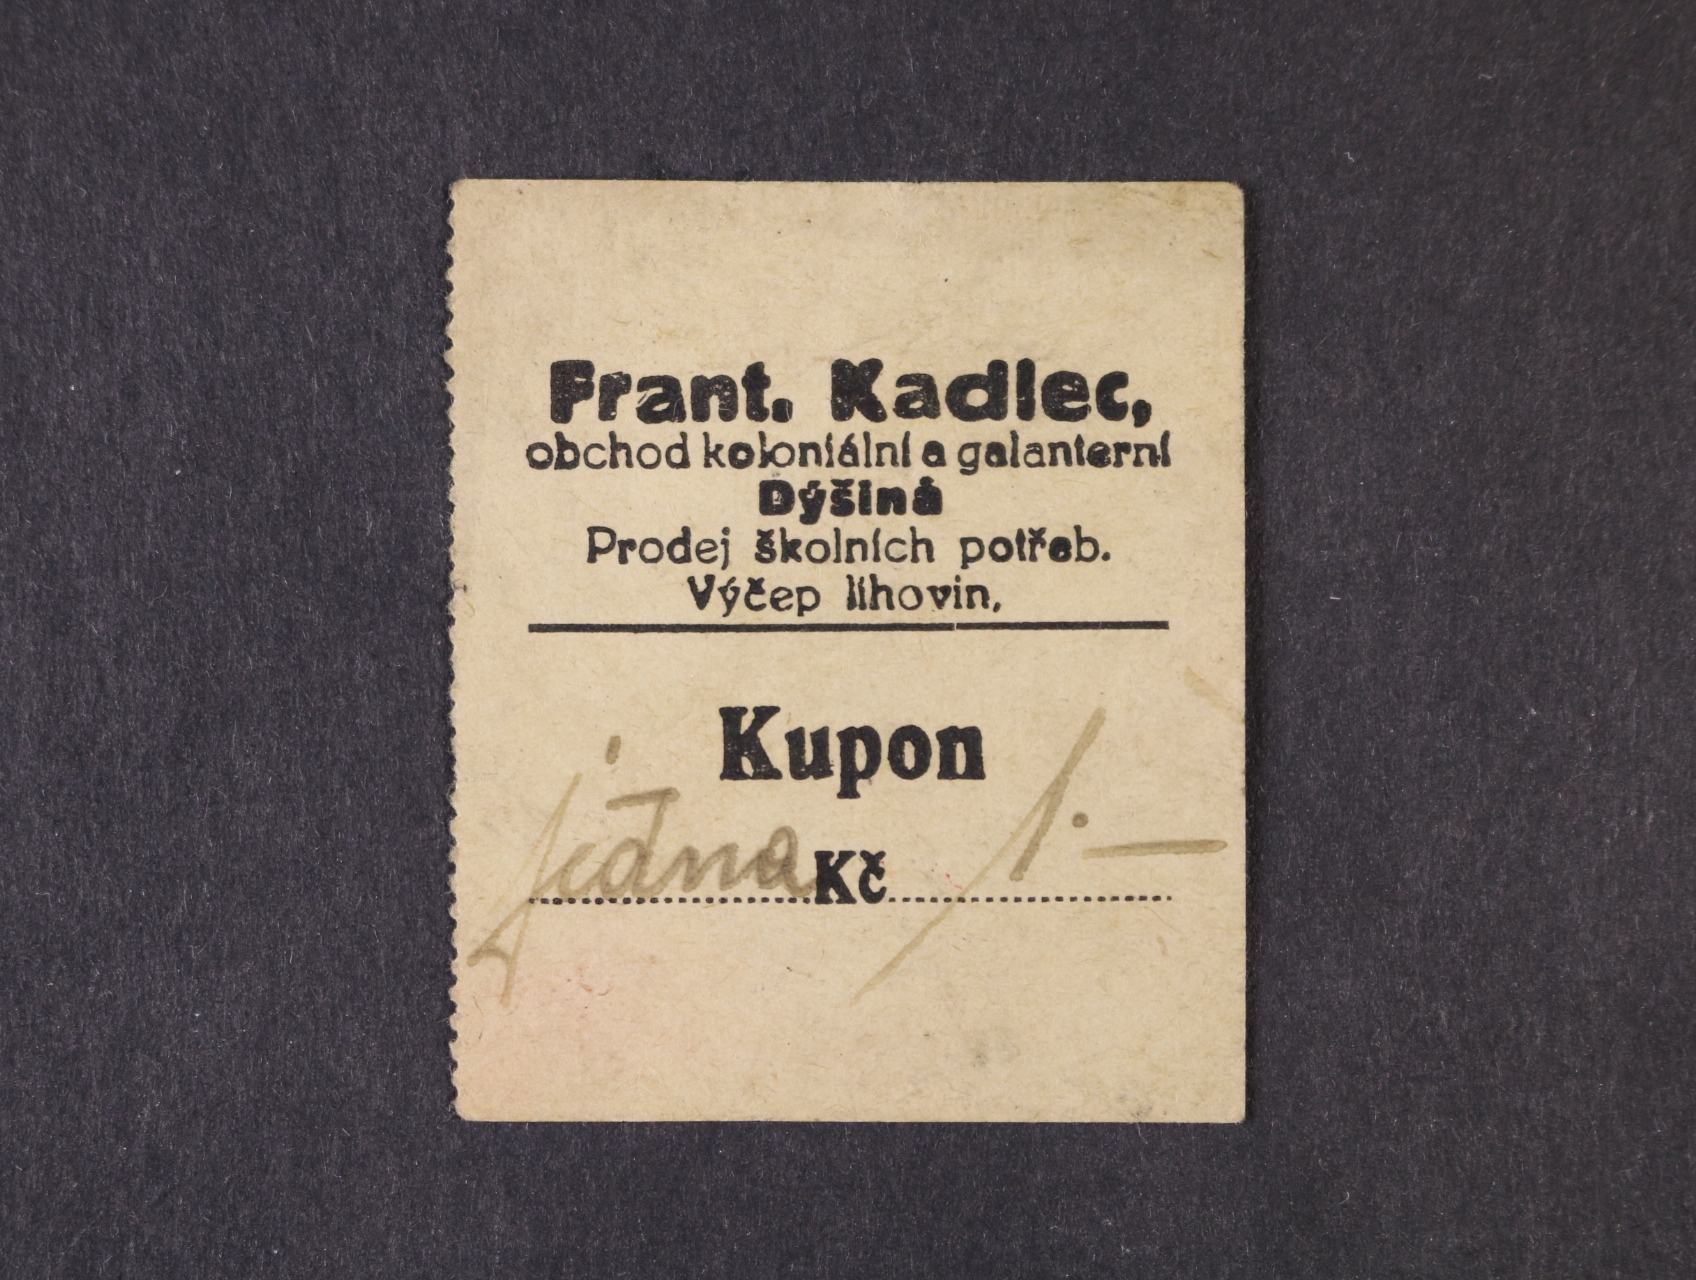 Dýšina, 1 Kč b.d. Frant. Kadlec, D.H. 40.1.1